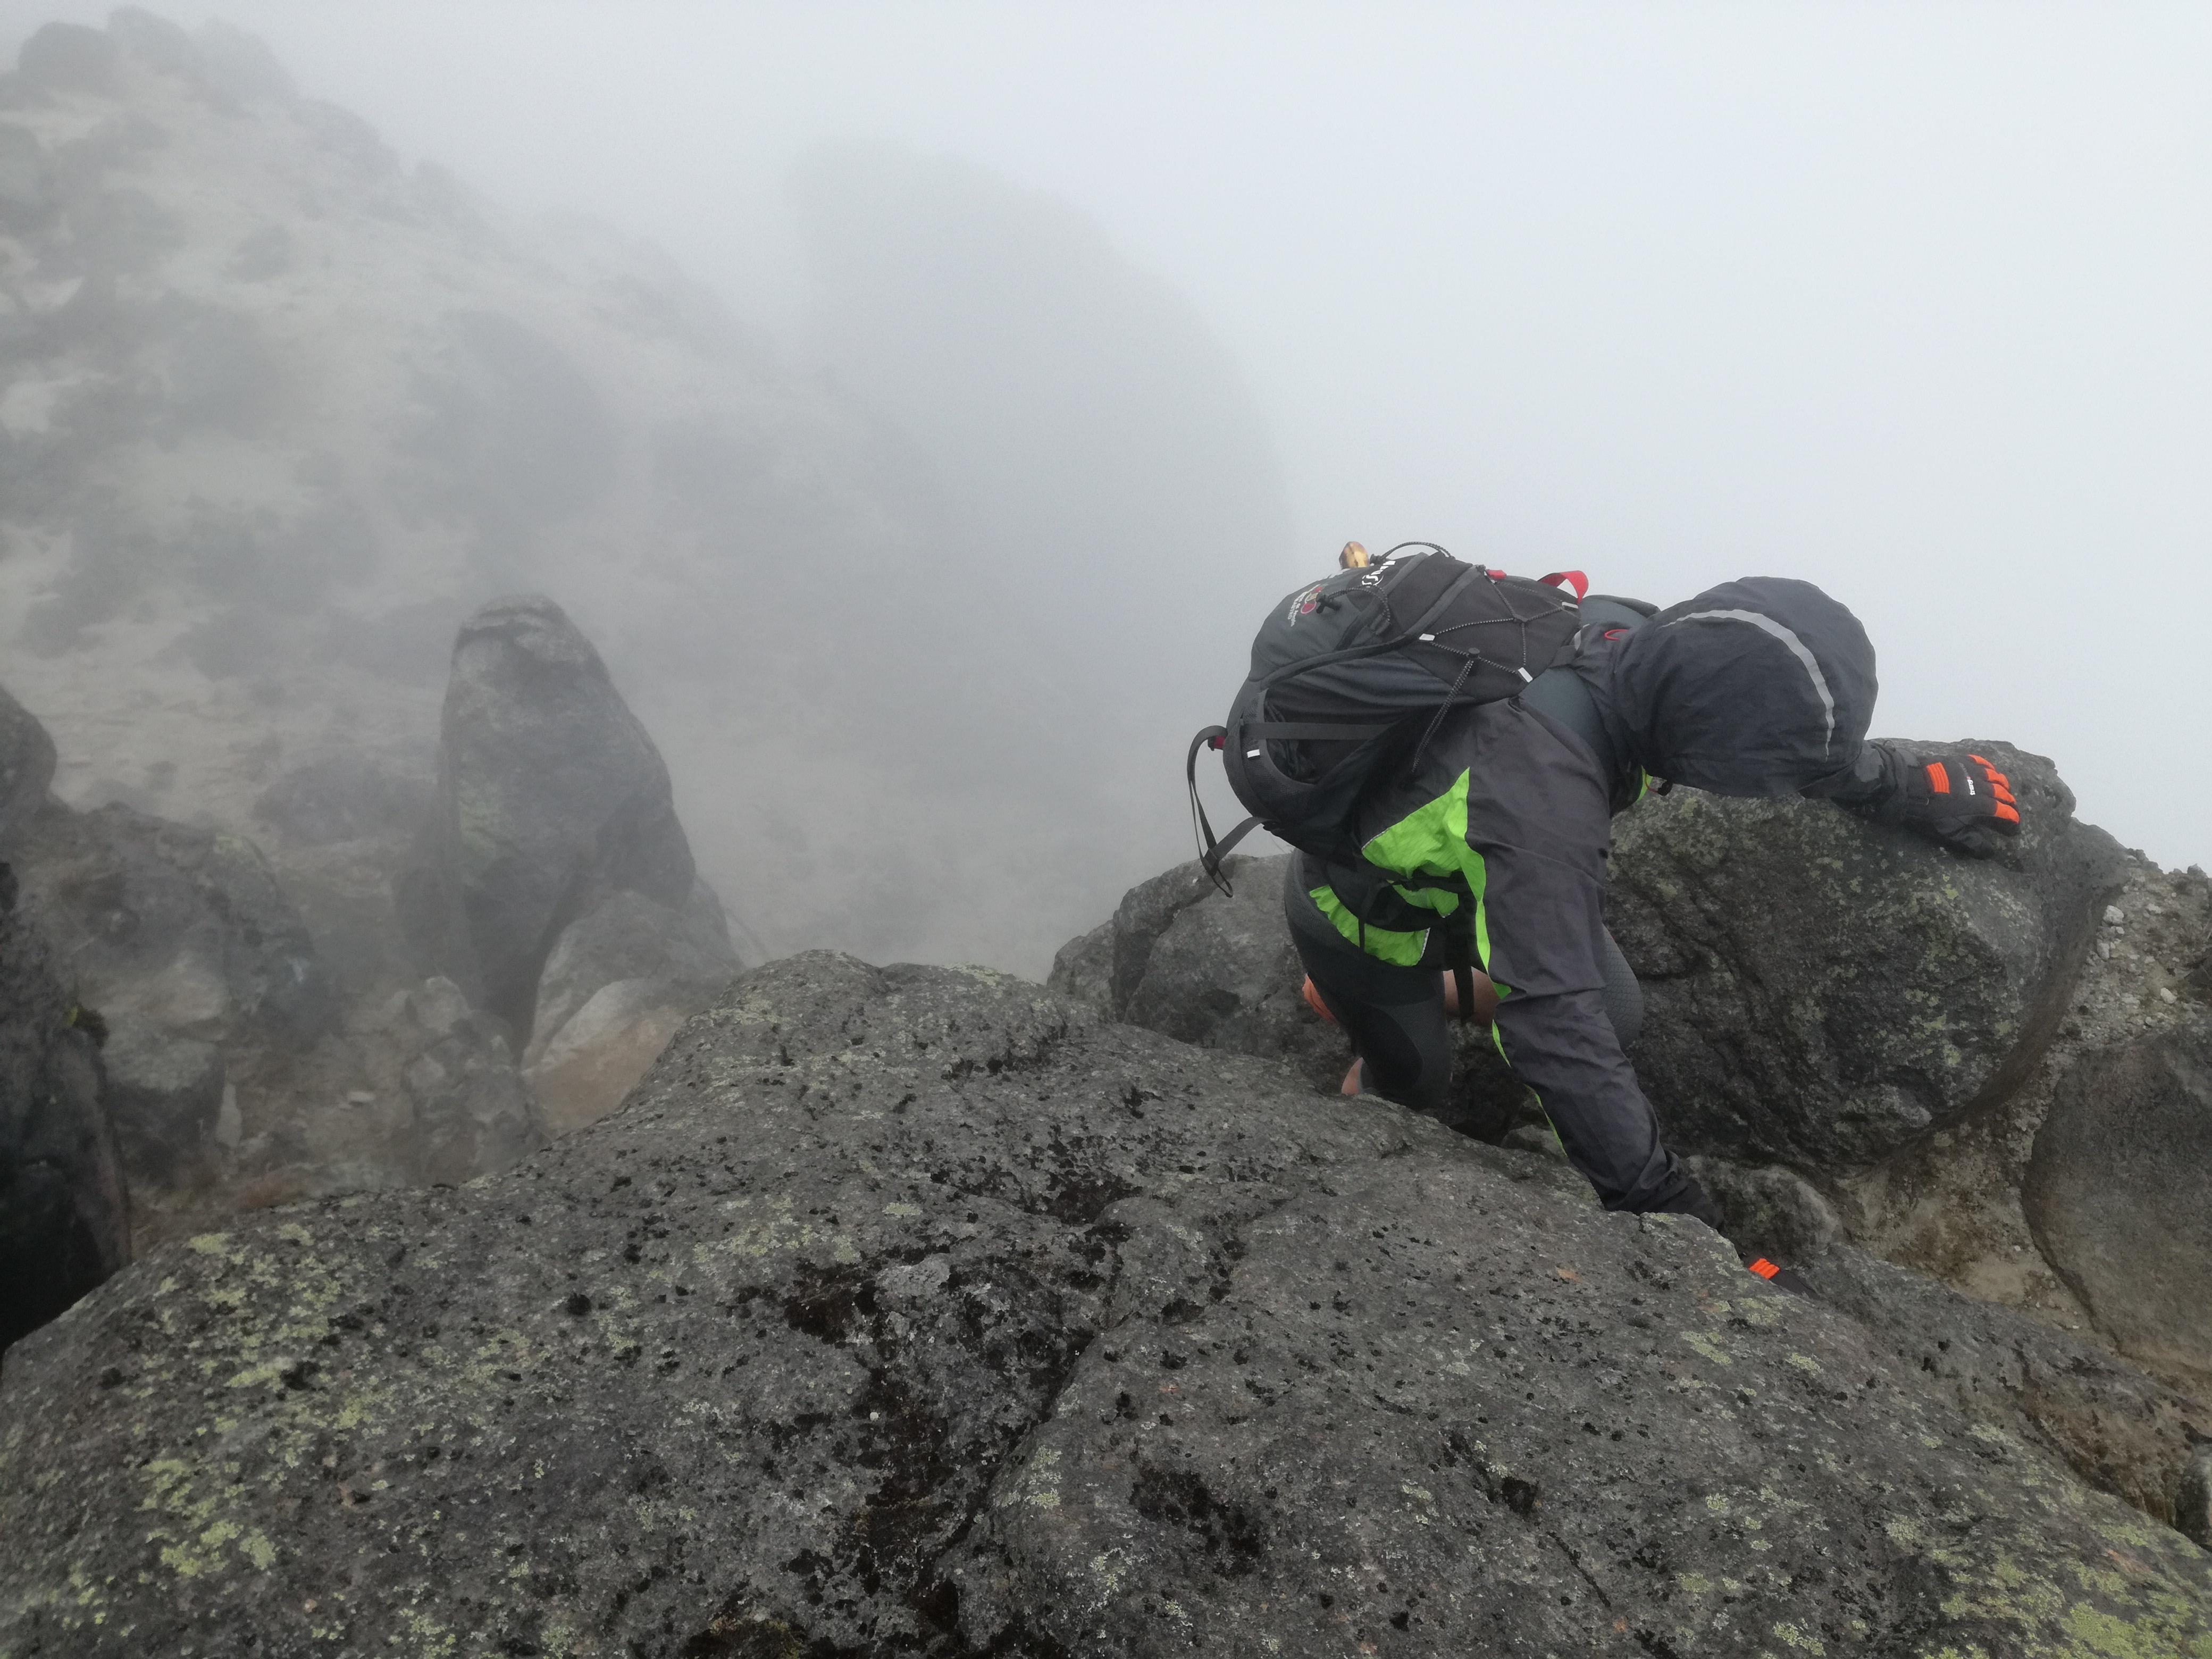 Empezamos la aclimatación seria!! Frío y olor a azufre. Guagua Pichincha 4800 mts.